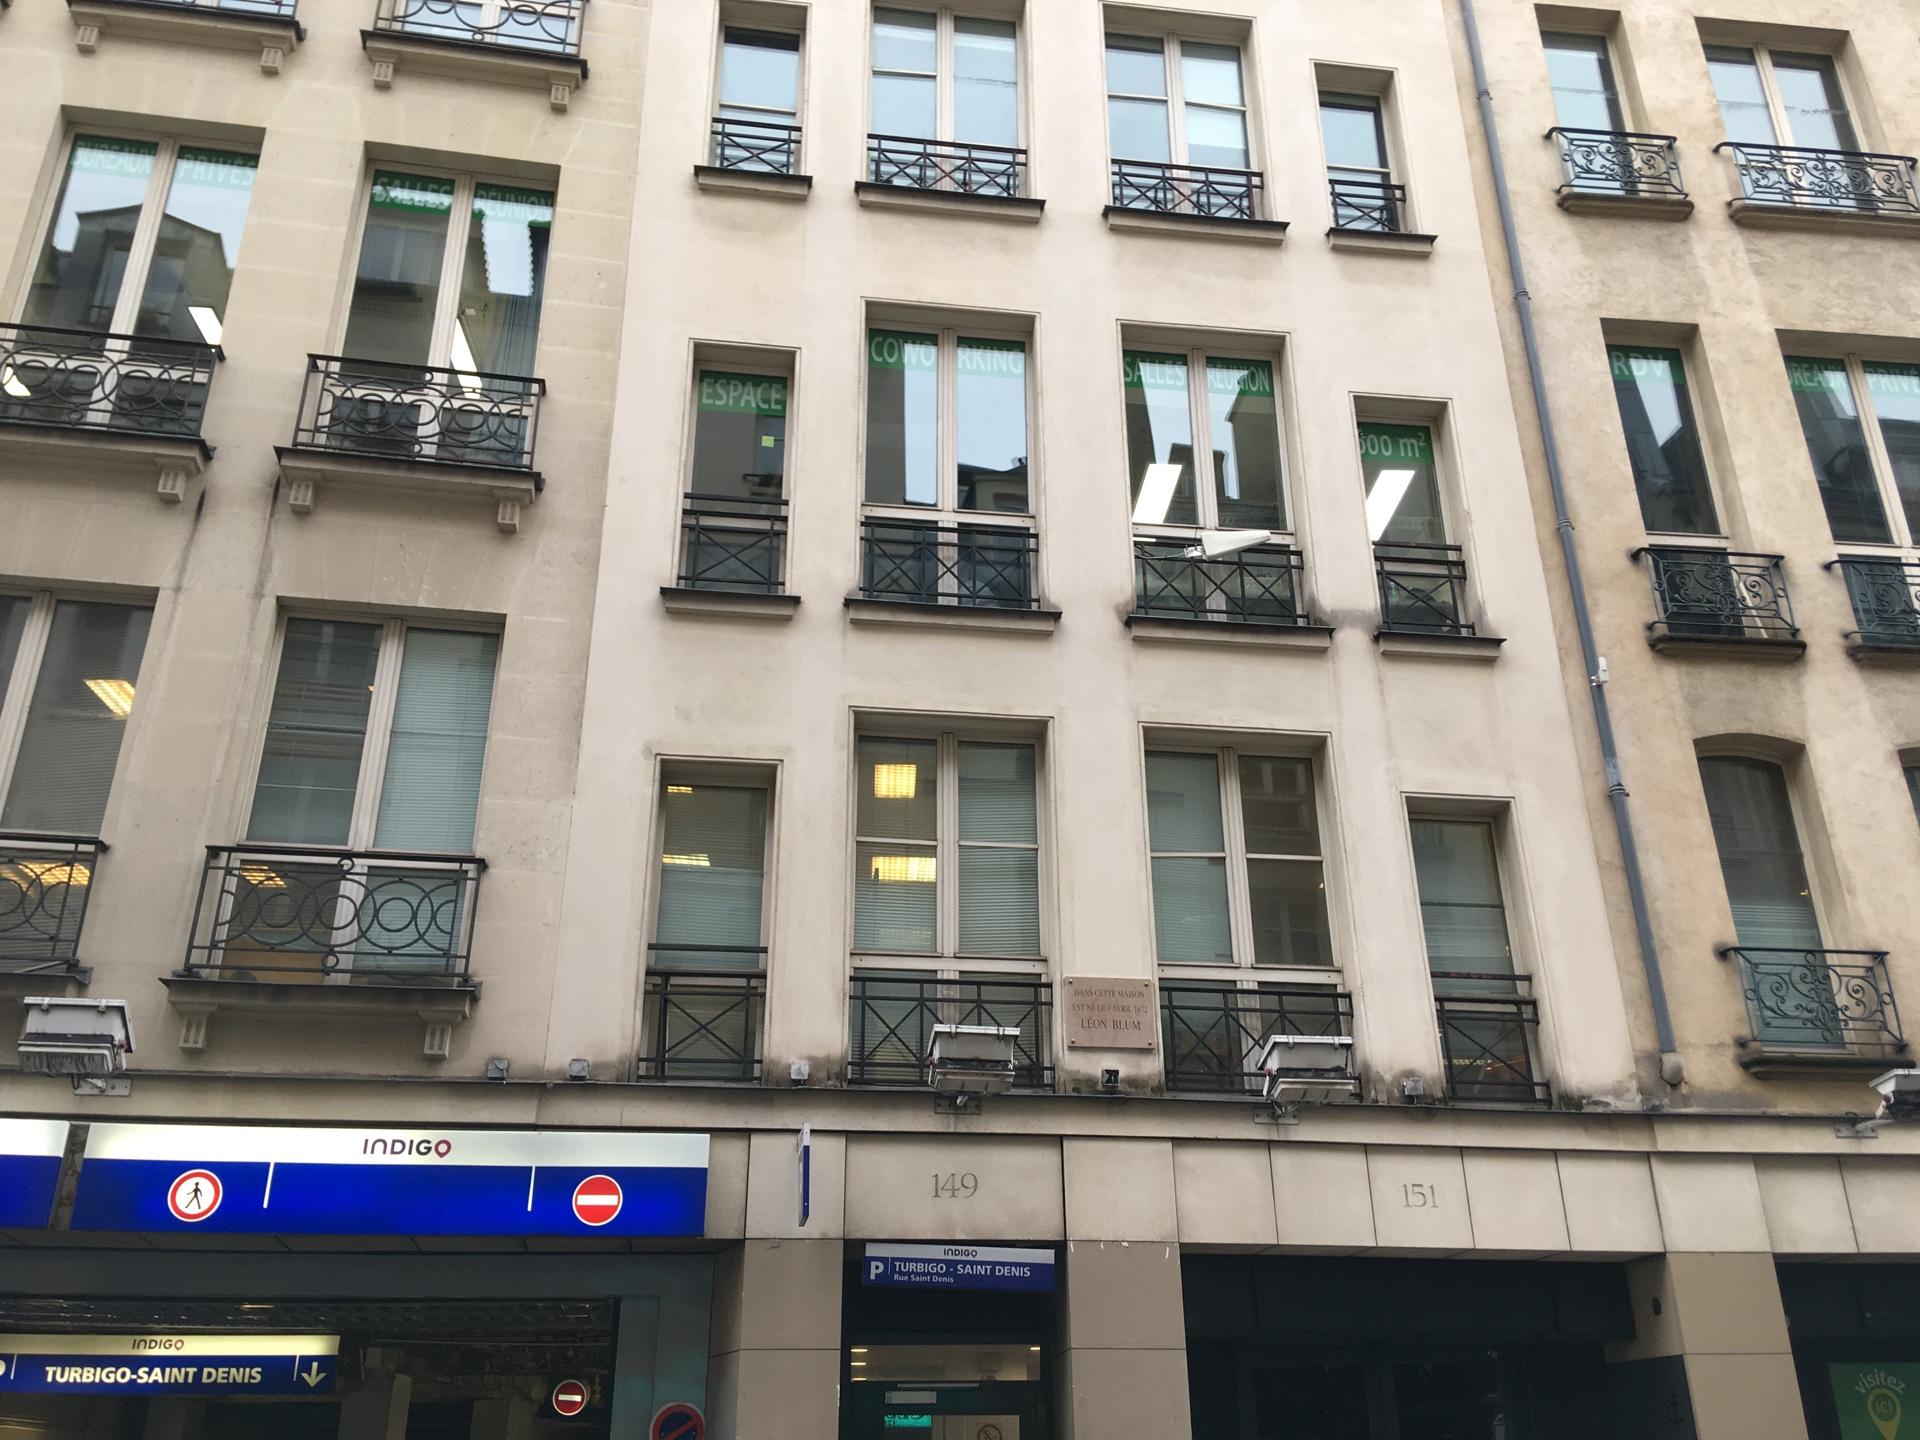 La façade des locaux d'Eugen Systems à Paris. Anecdote cocasse signalée par une plaque : c'est là que naquit Léon Blum.